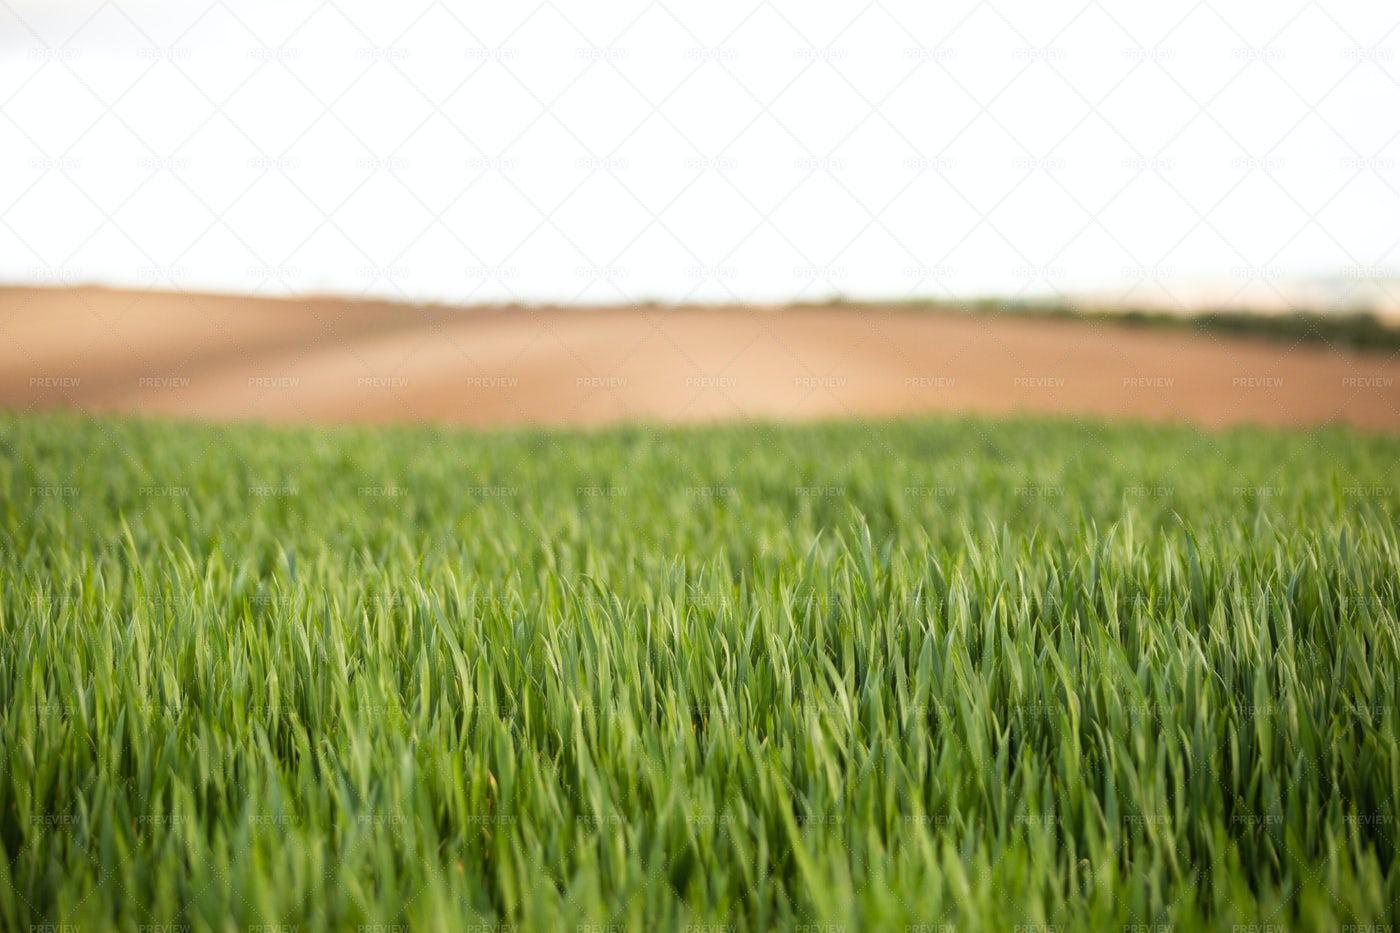 Meadow Of Green Grass: Stock Photos